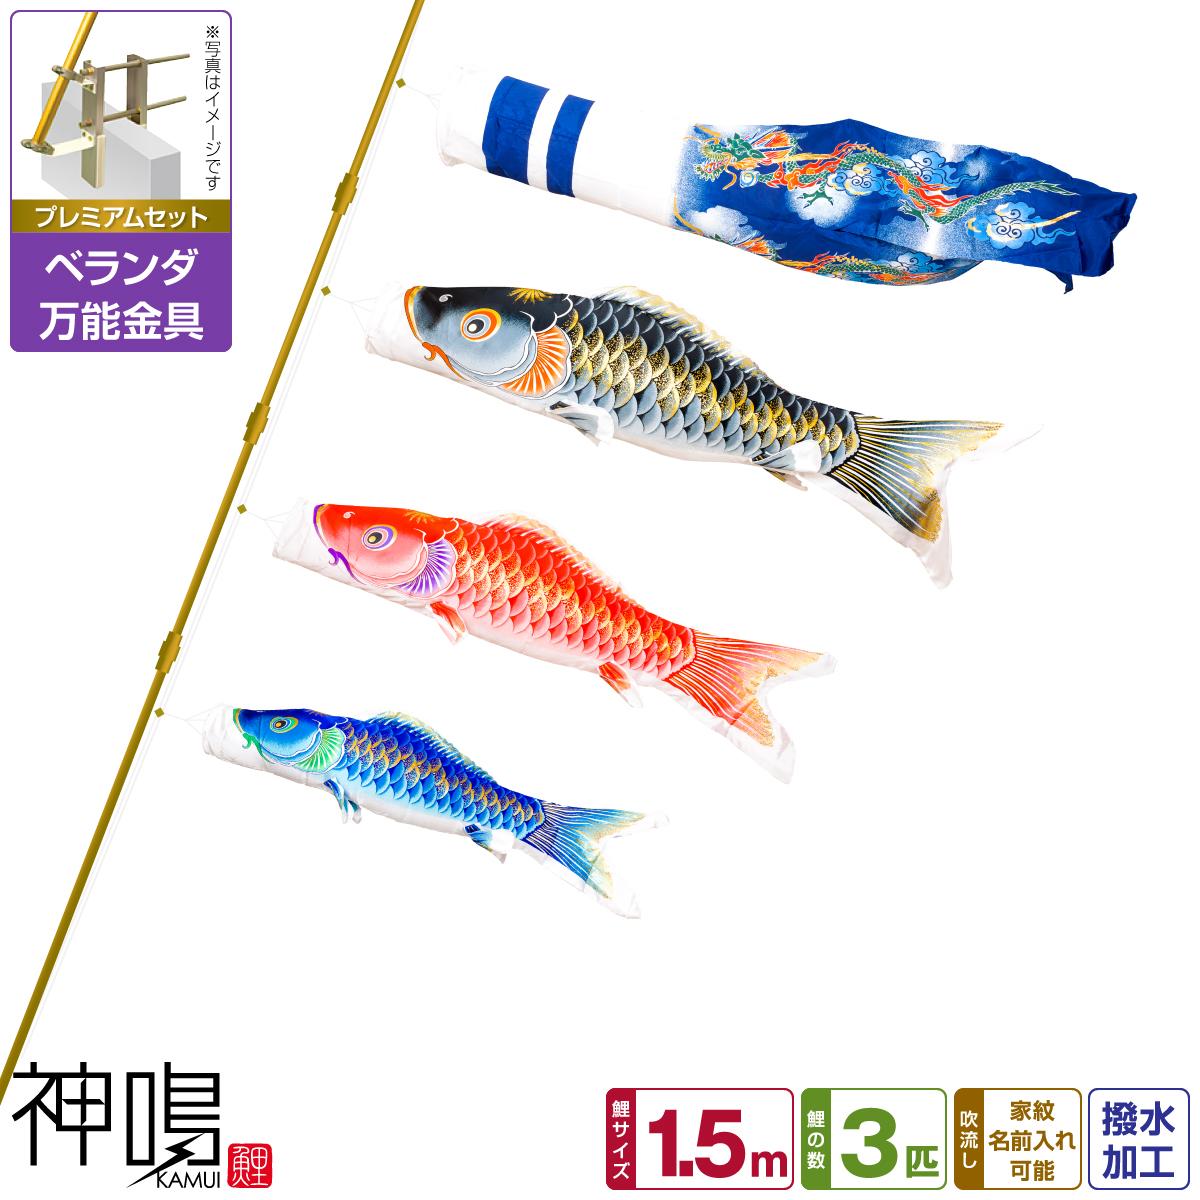 ベランダ用 鯉のぼり 神鳴鯉-KAMUI- 1.5m 6点(吹流し+鯉3匹+矢車+ロープ)/プレミアムセット(万能取付金具)